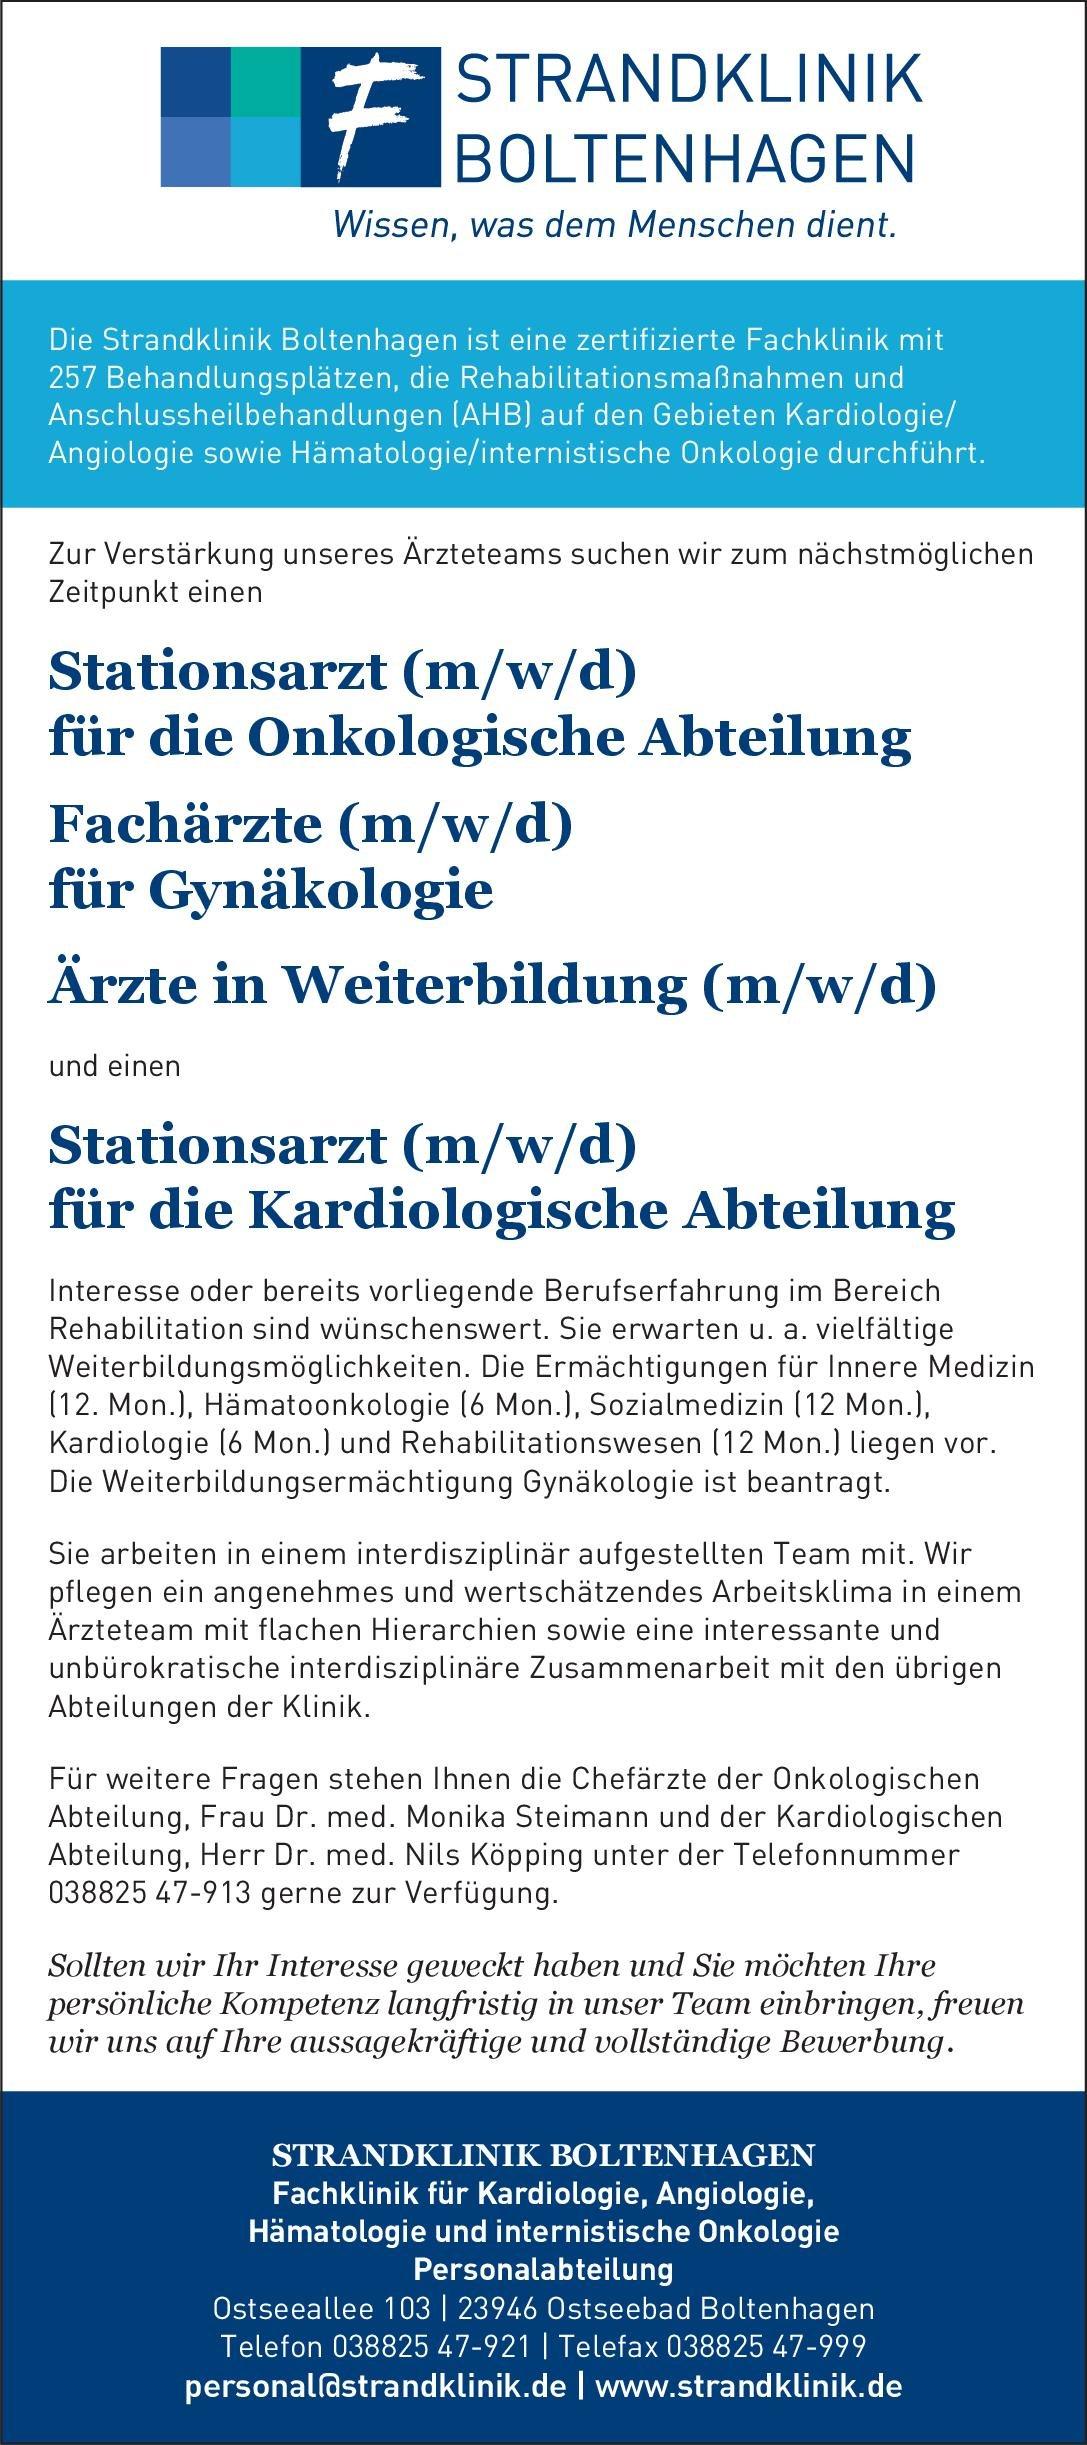 Strandklinik Boltenhagen Fachärzte (m/w/d) für Gynäkologie - Ärzte in Weiterbildung (m/w/d)  Frauenheilkunde und Geburtshilfe, Frauenheilkunde und Geburtshilfe Arzt / Facharzt, Assistenzarzt / Arzt in Weiterbildung